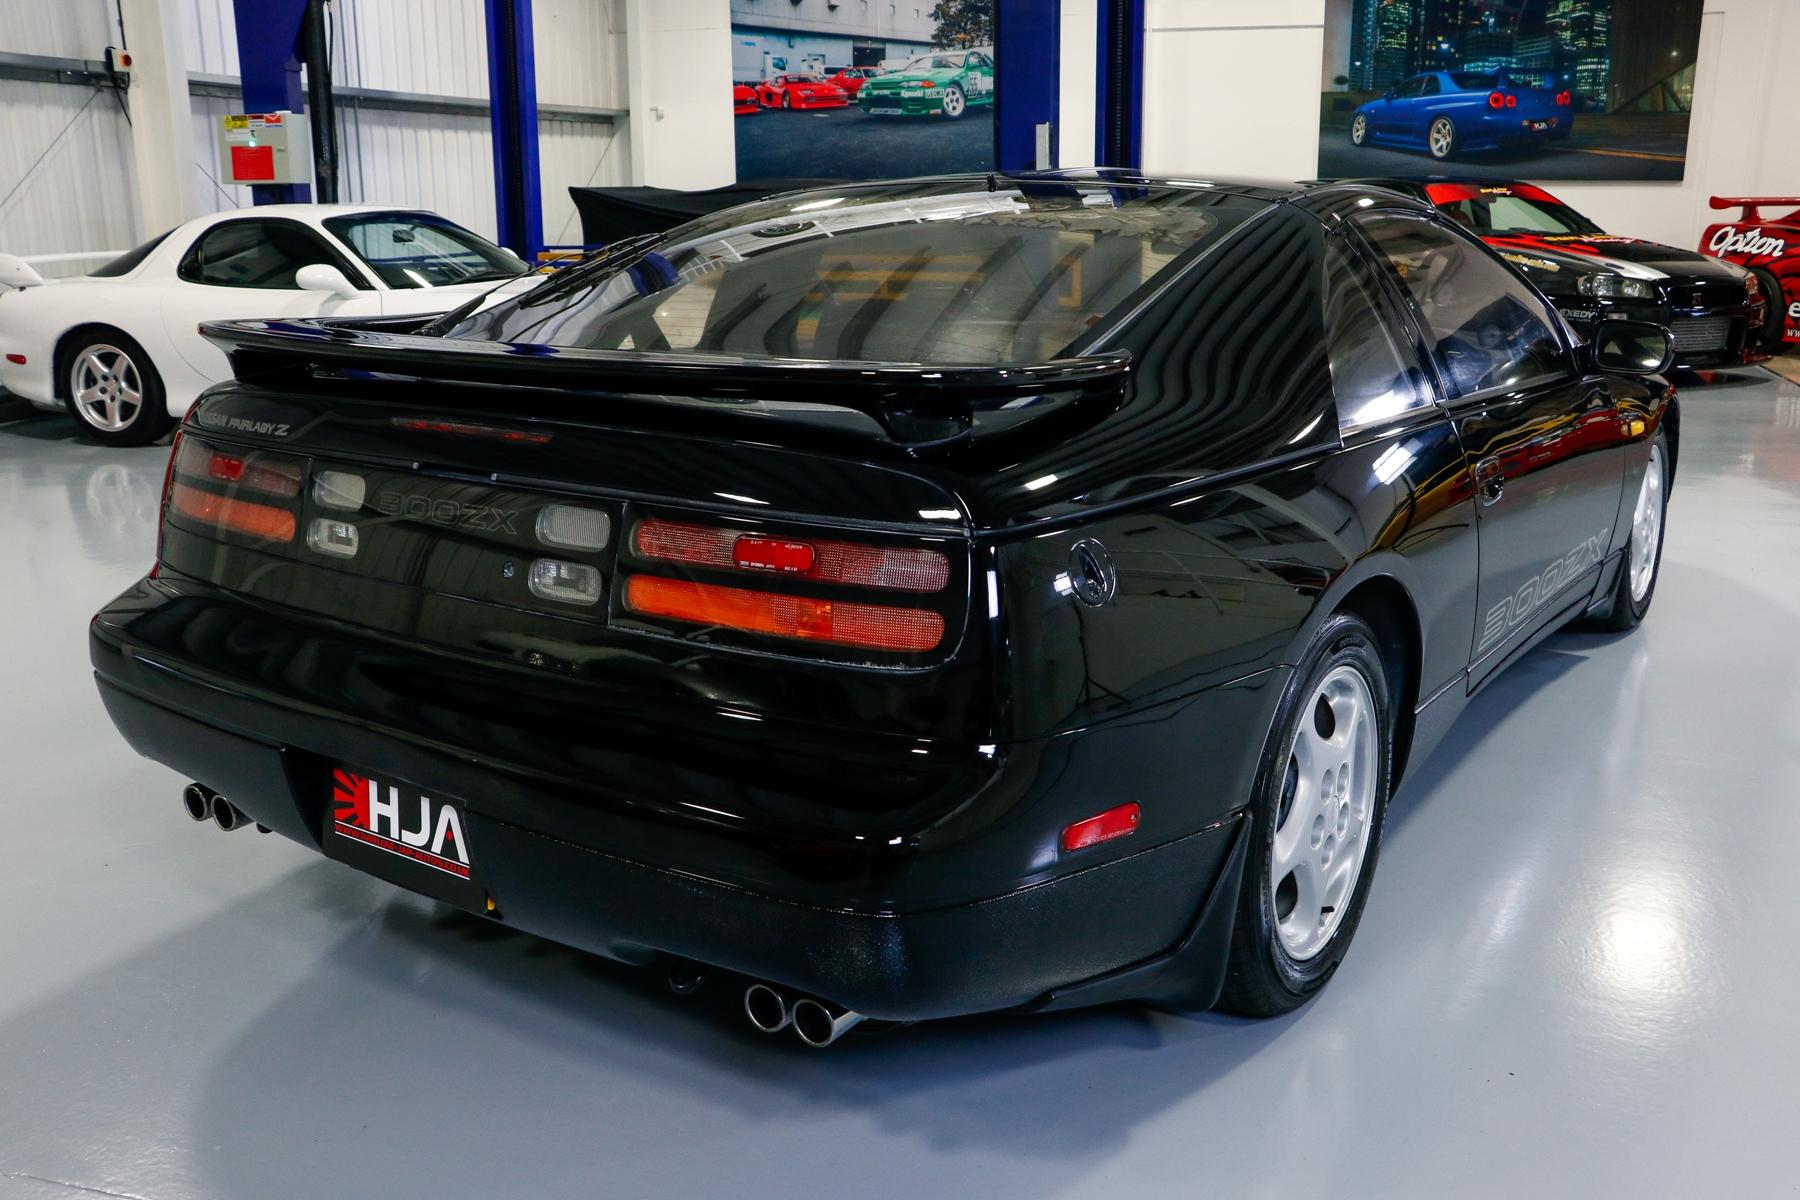 HJA382.006